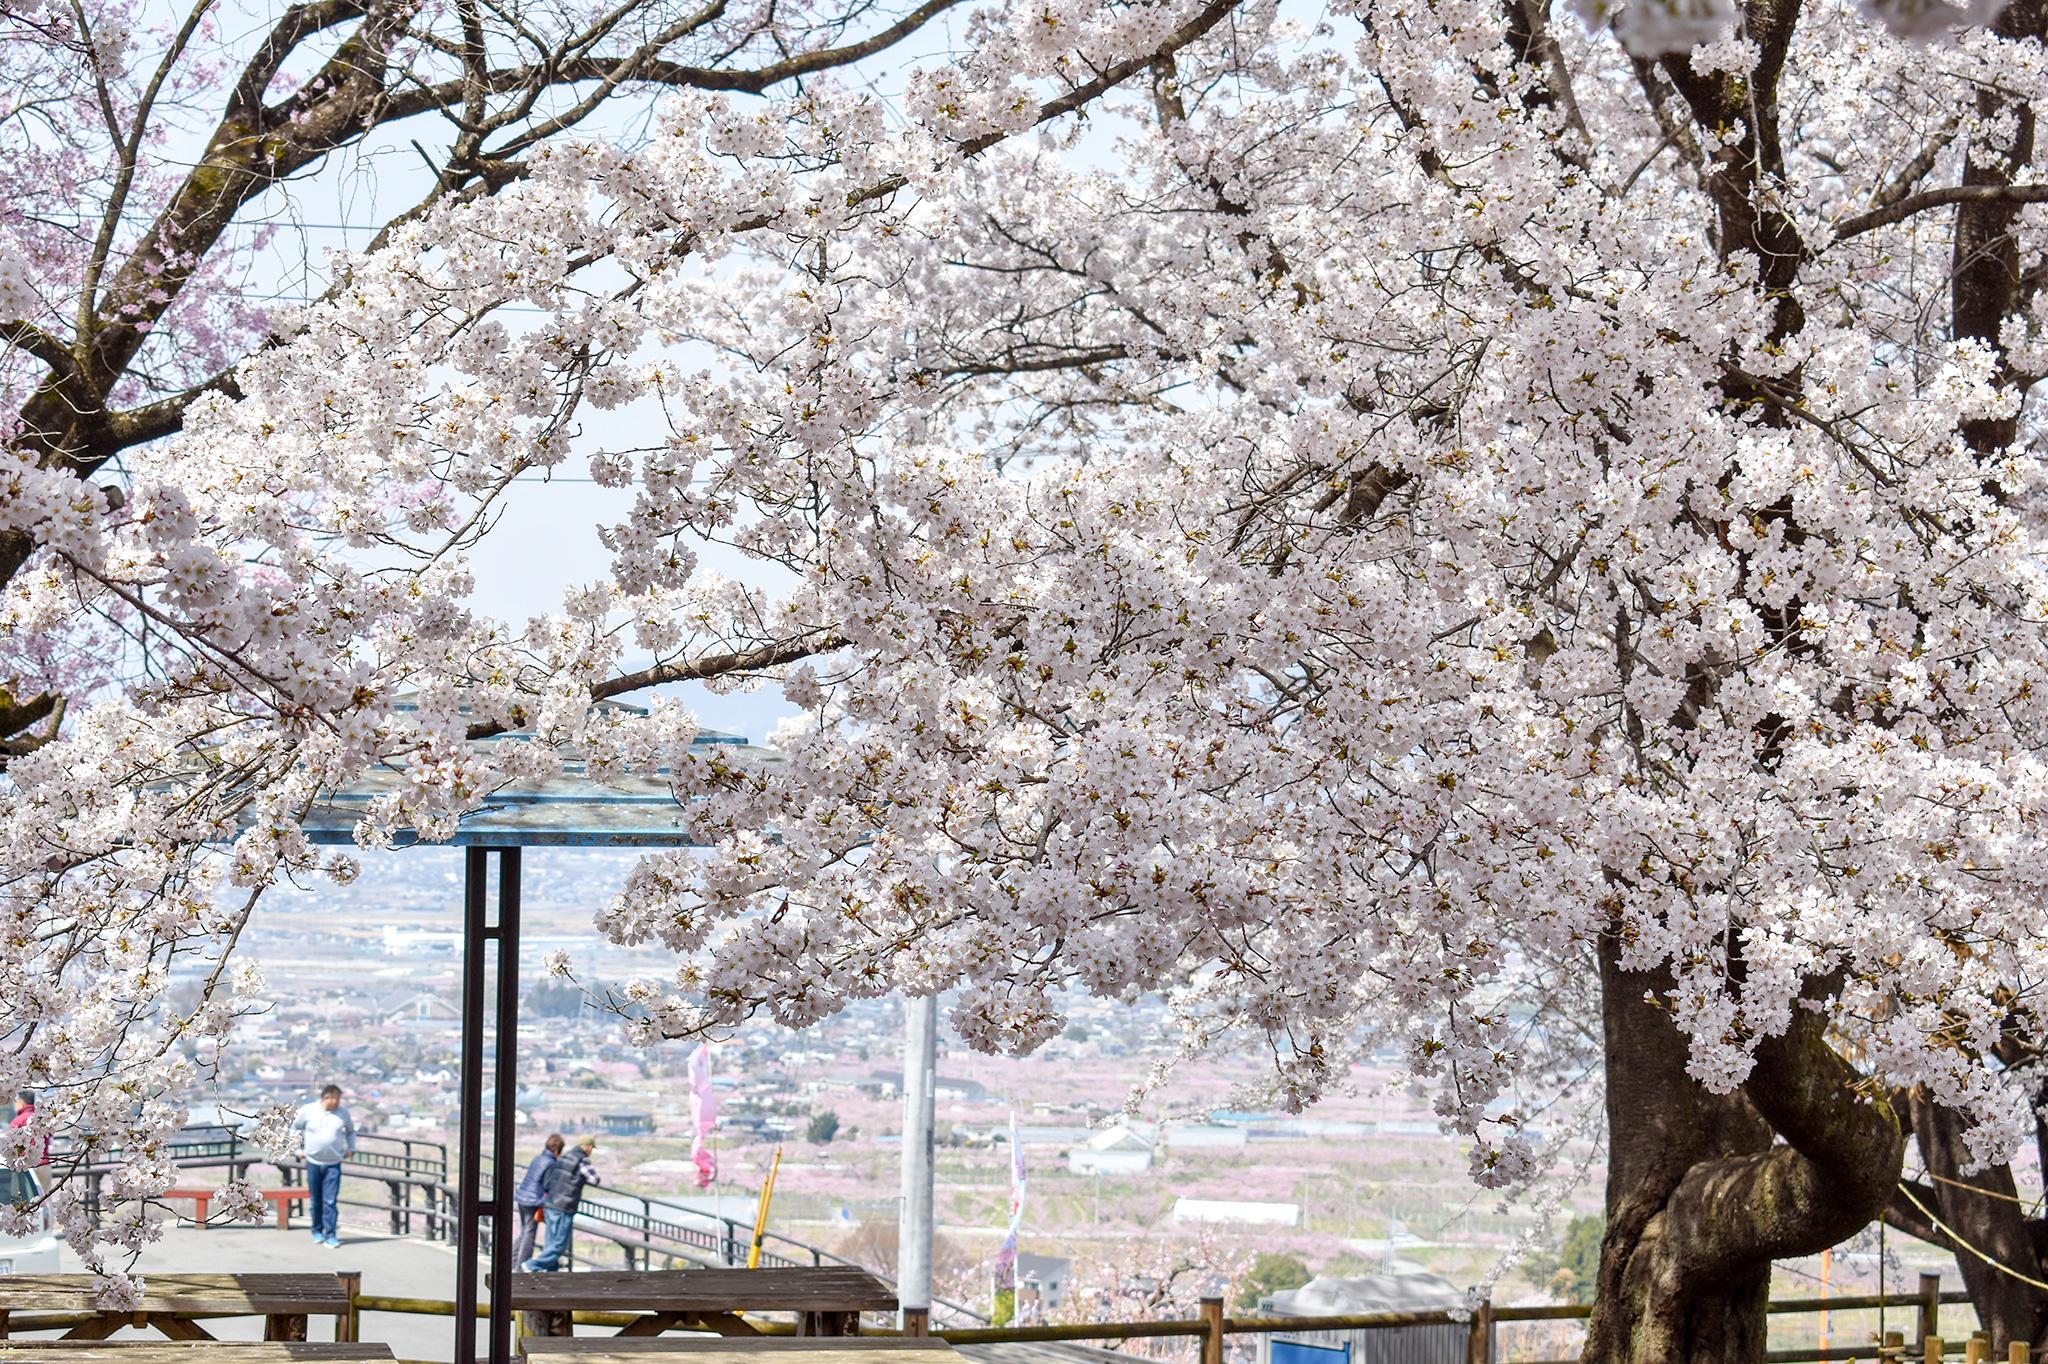 花鳥山一本杉公園の桜 写真1